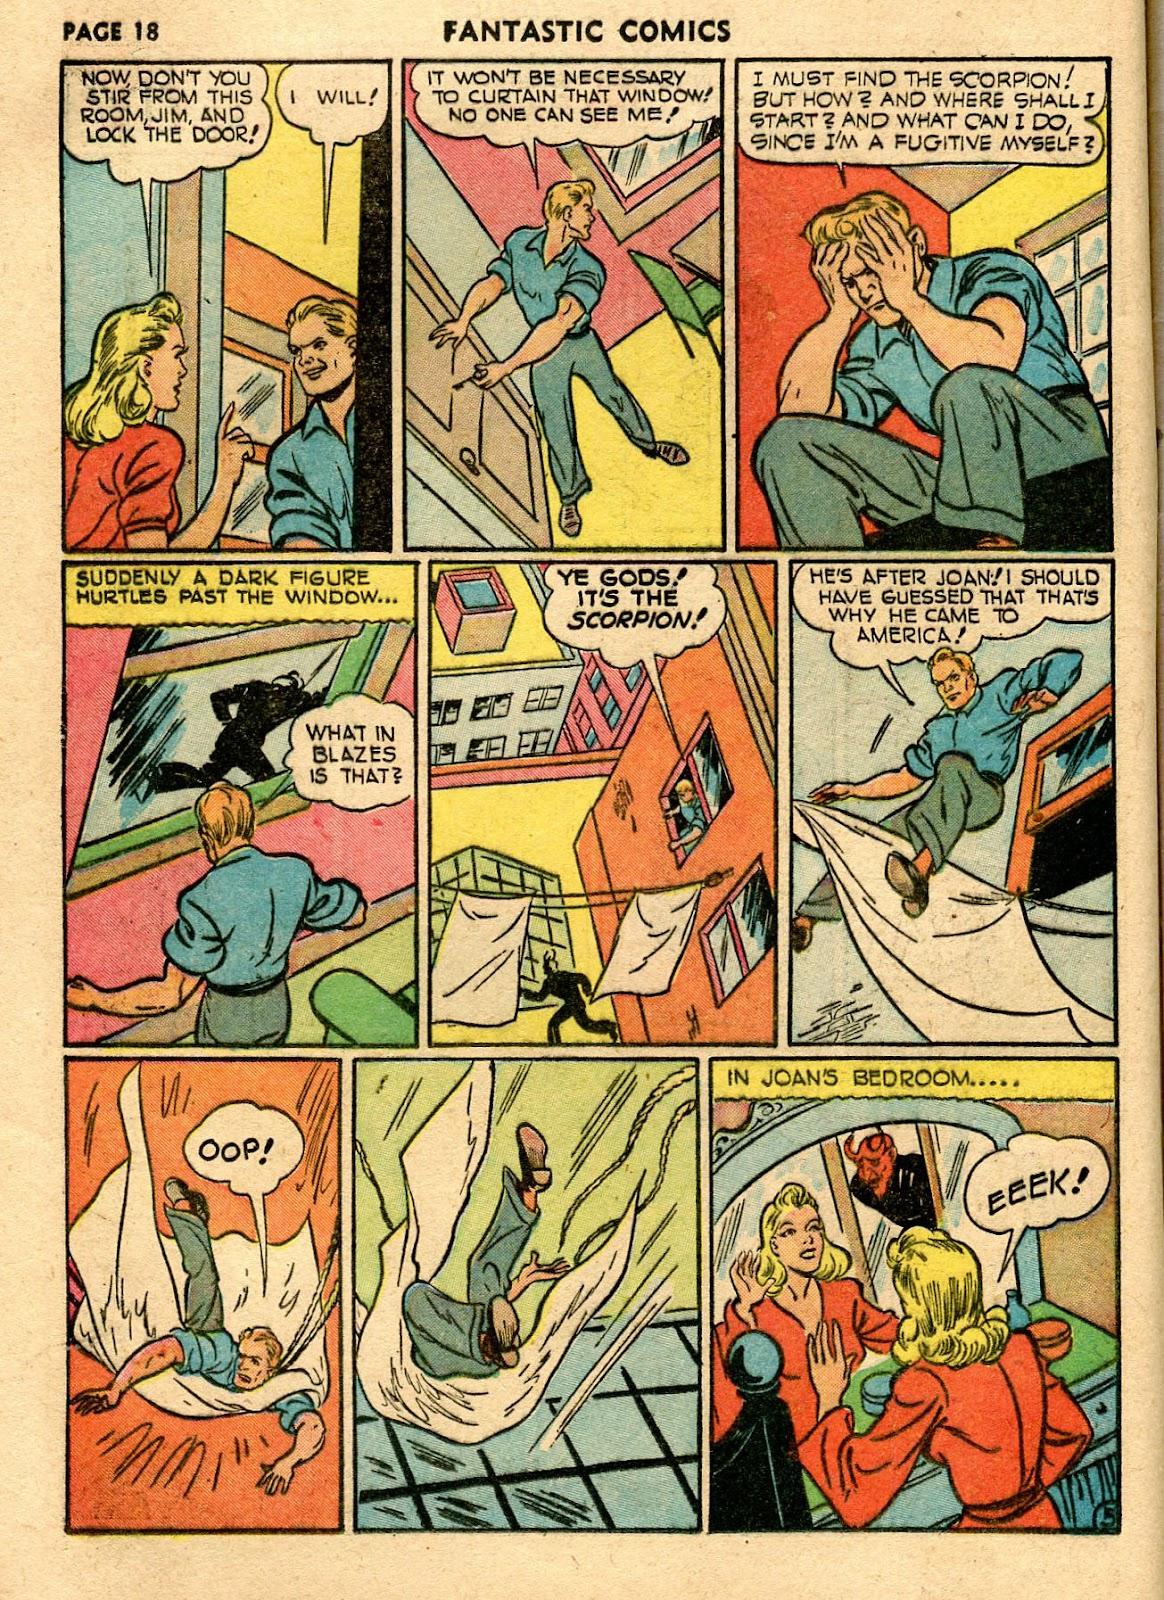 Read online Fantastic Comics comic -  Issue #21 - 20